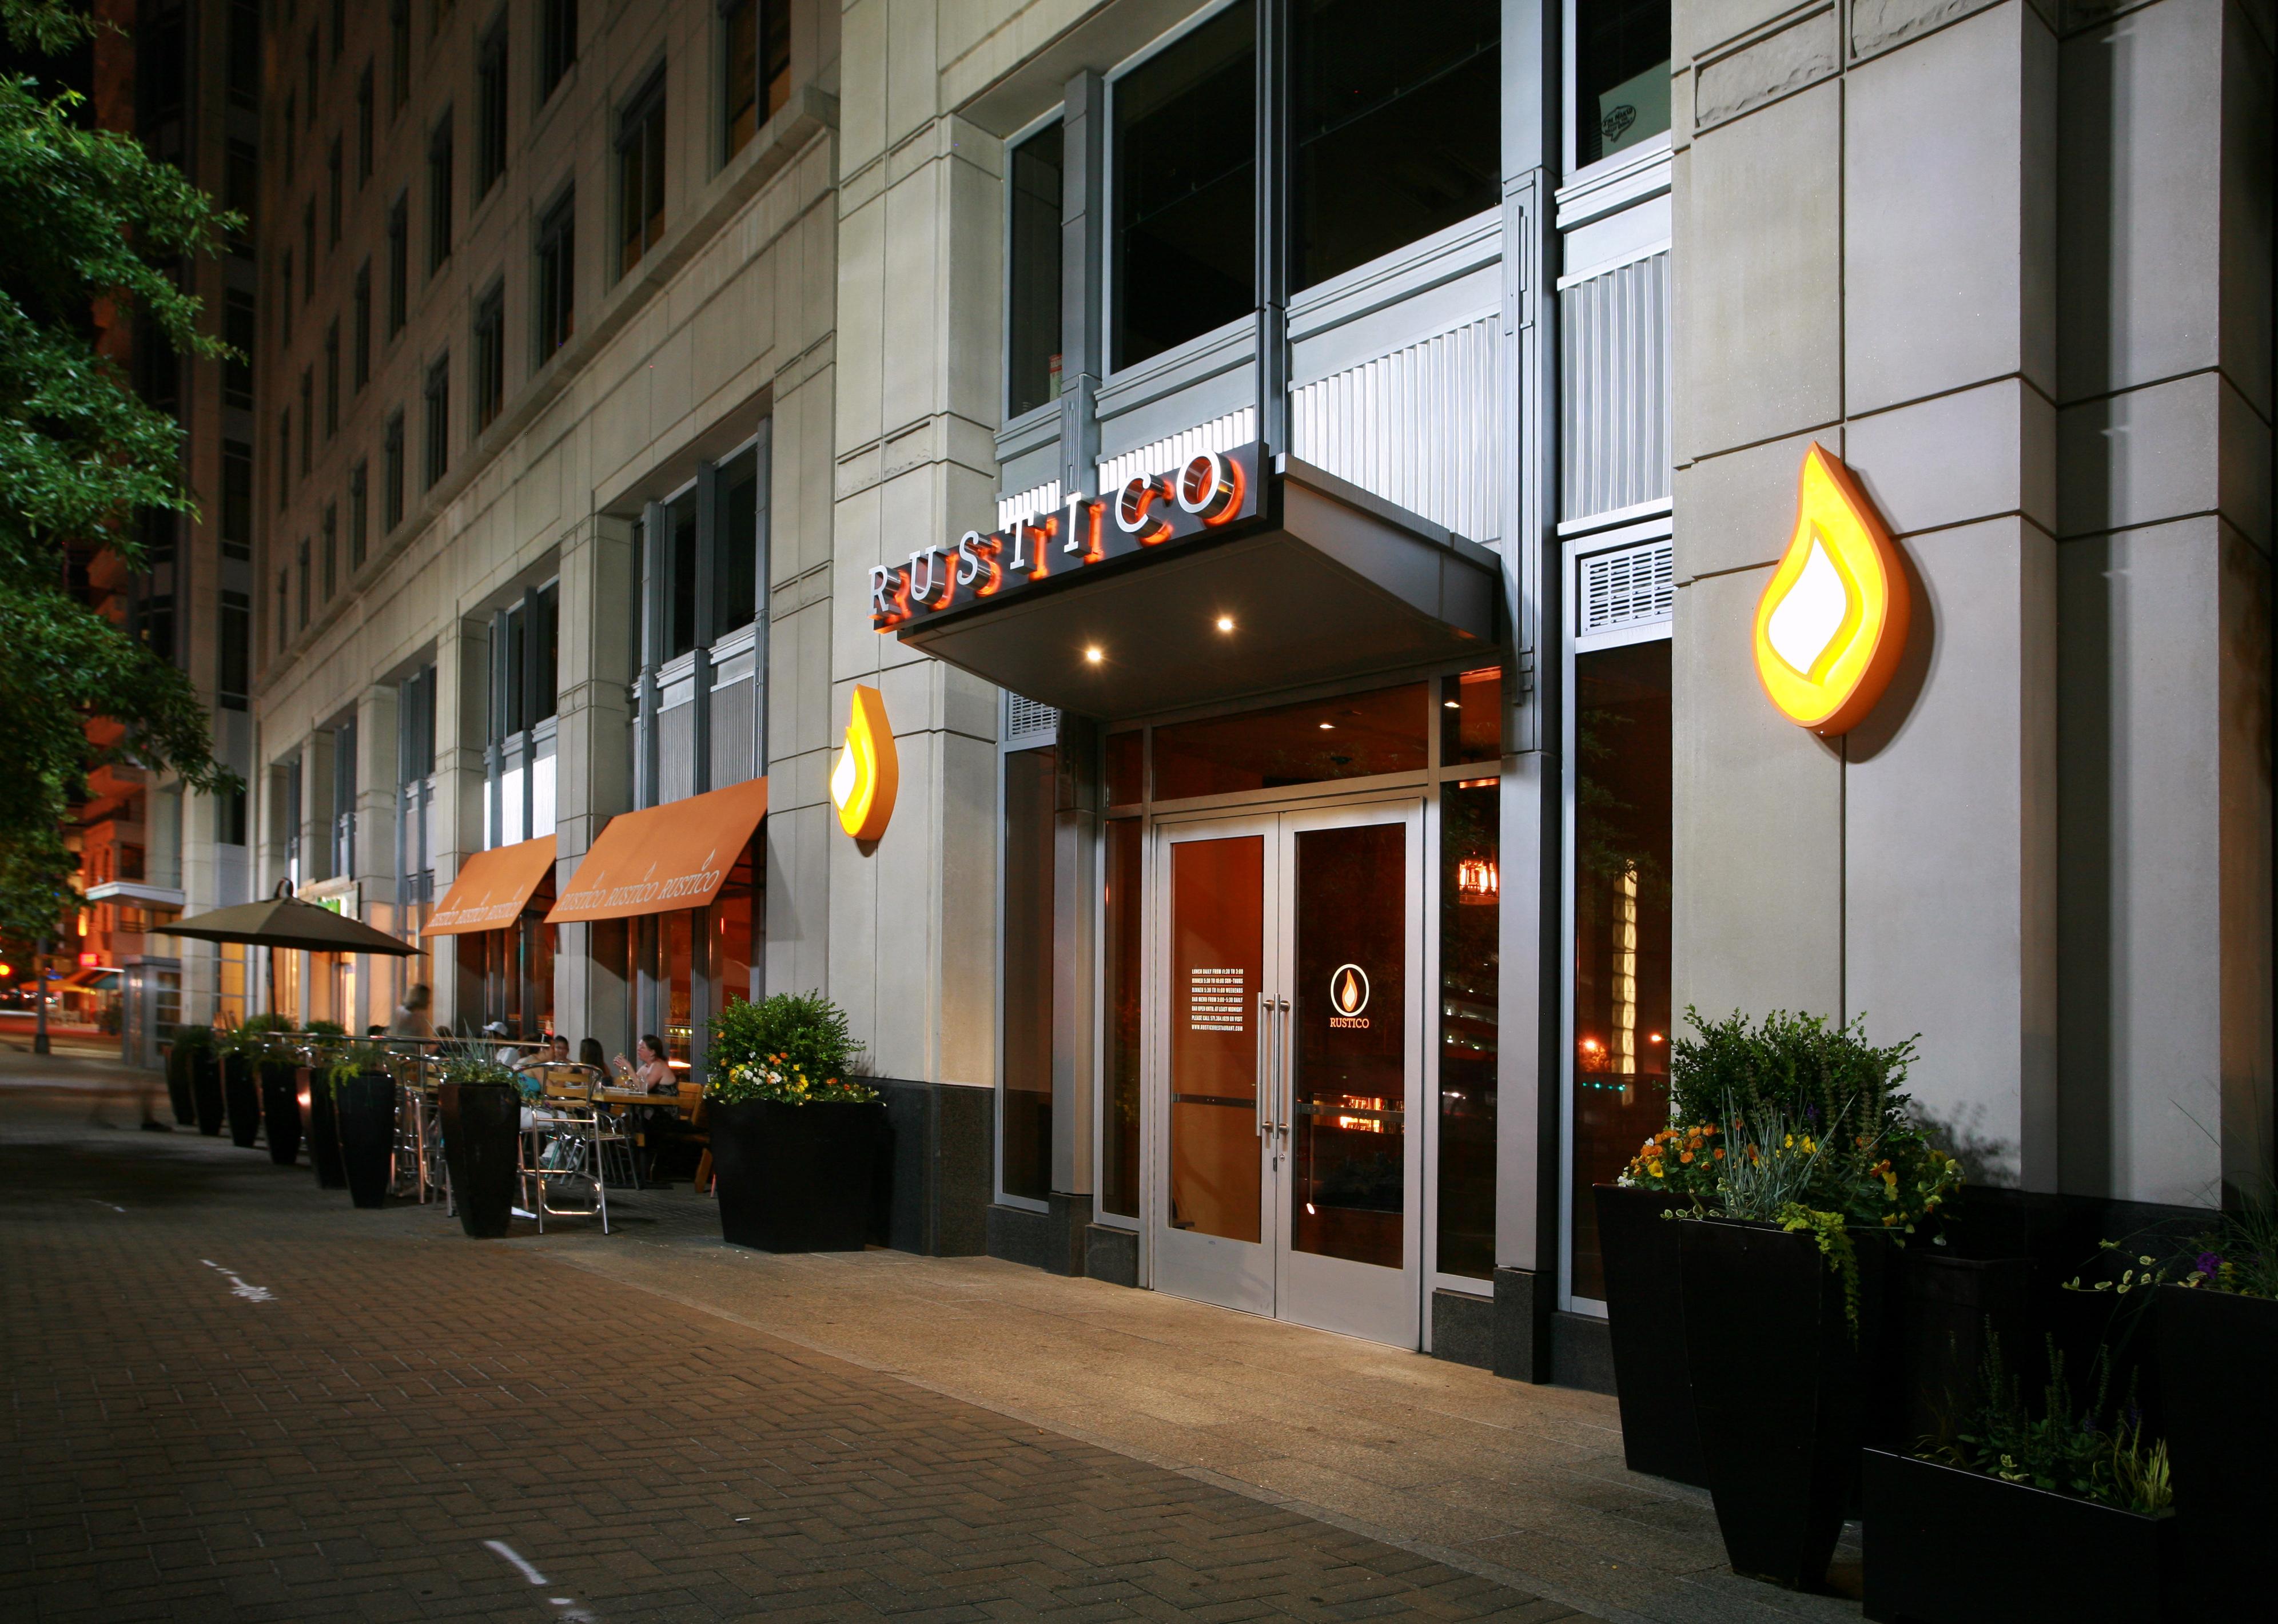 Rustico Restaurant Bar Arlington Va